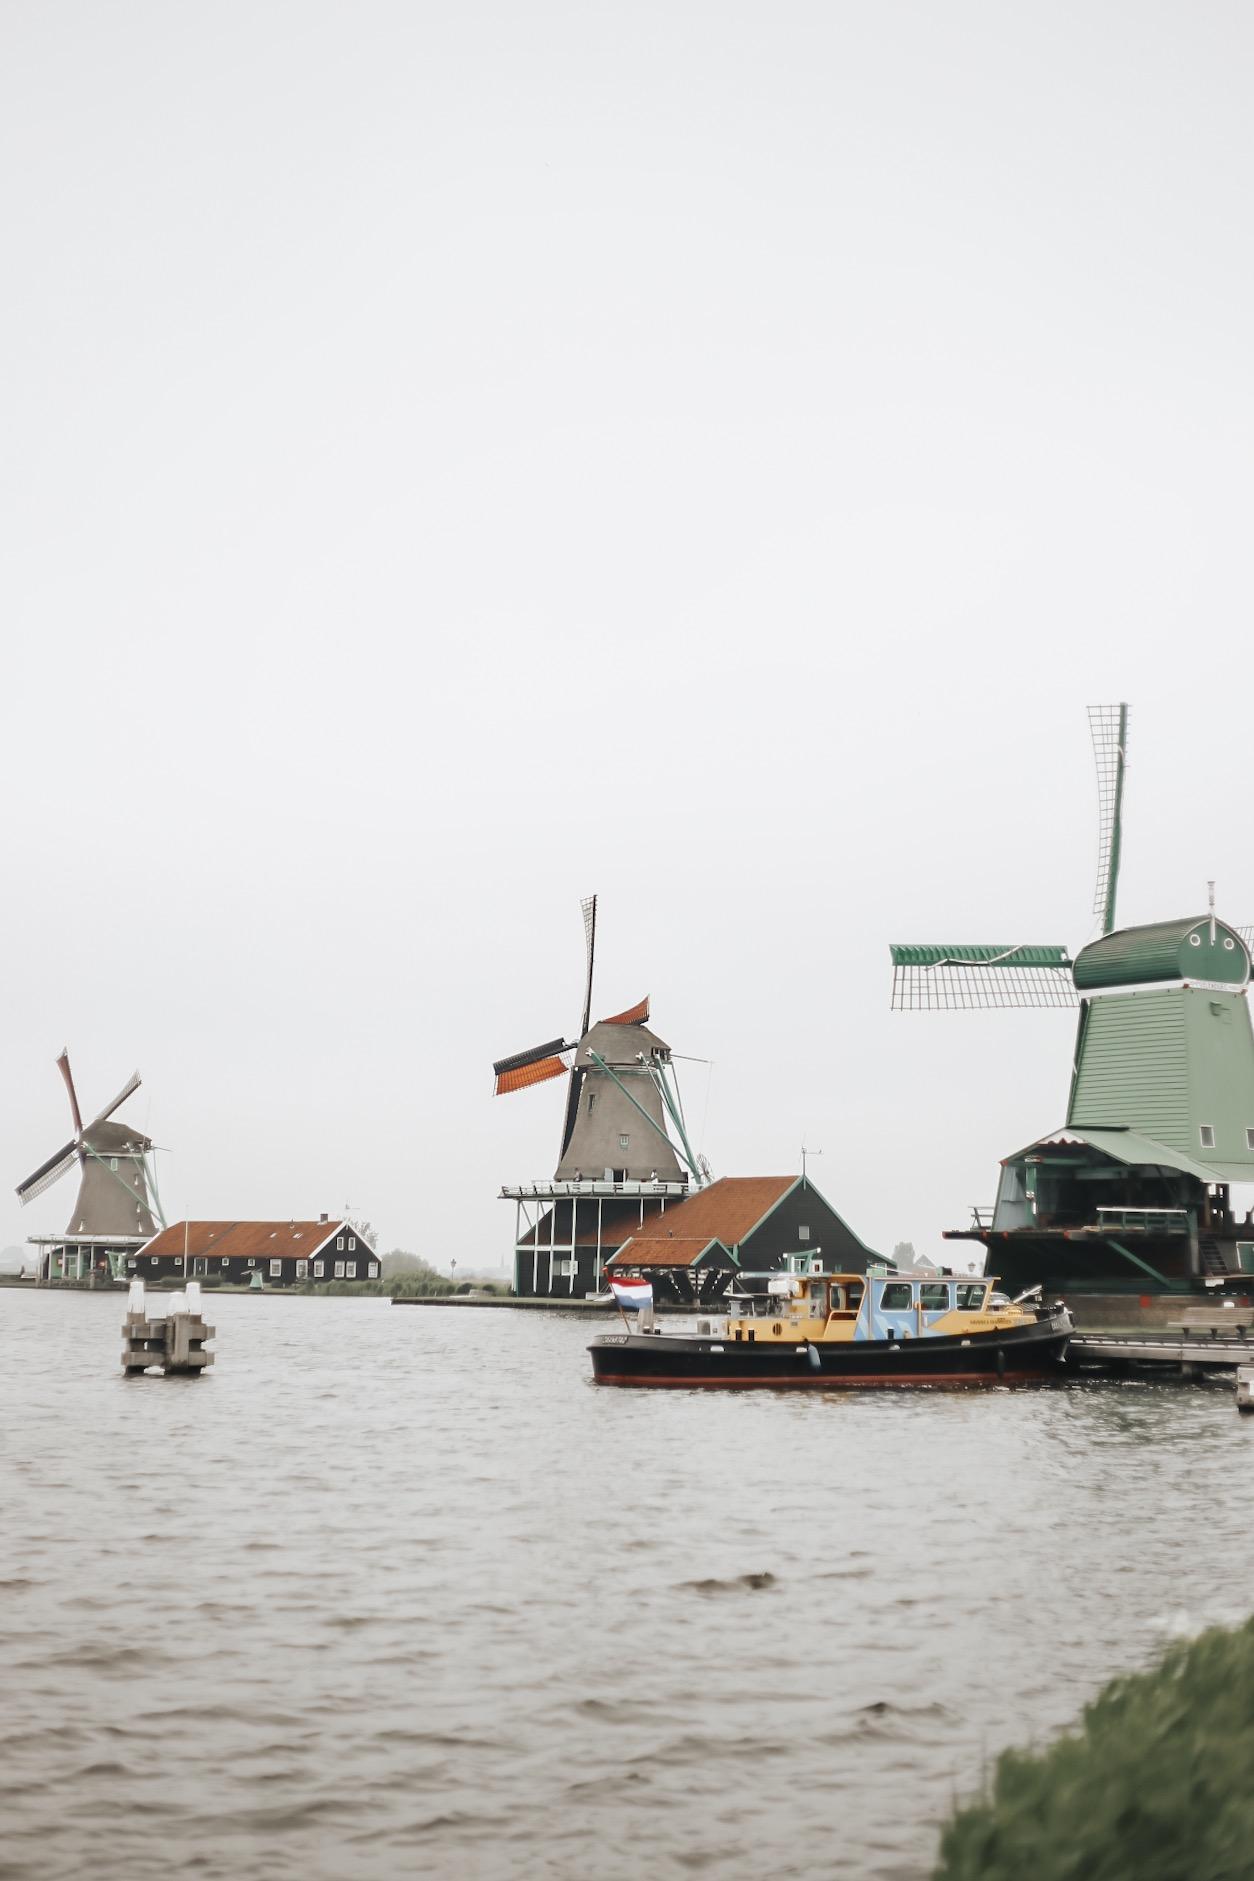 Windmills at Zaanse Schans